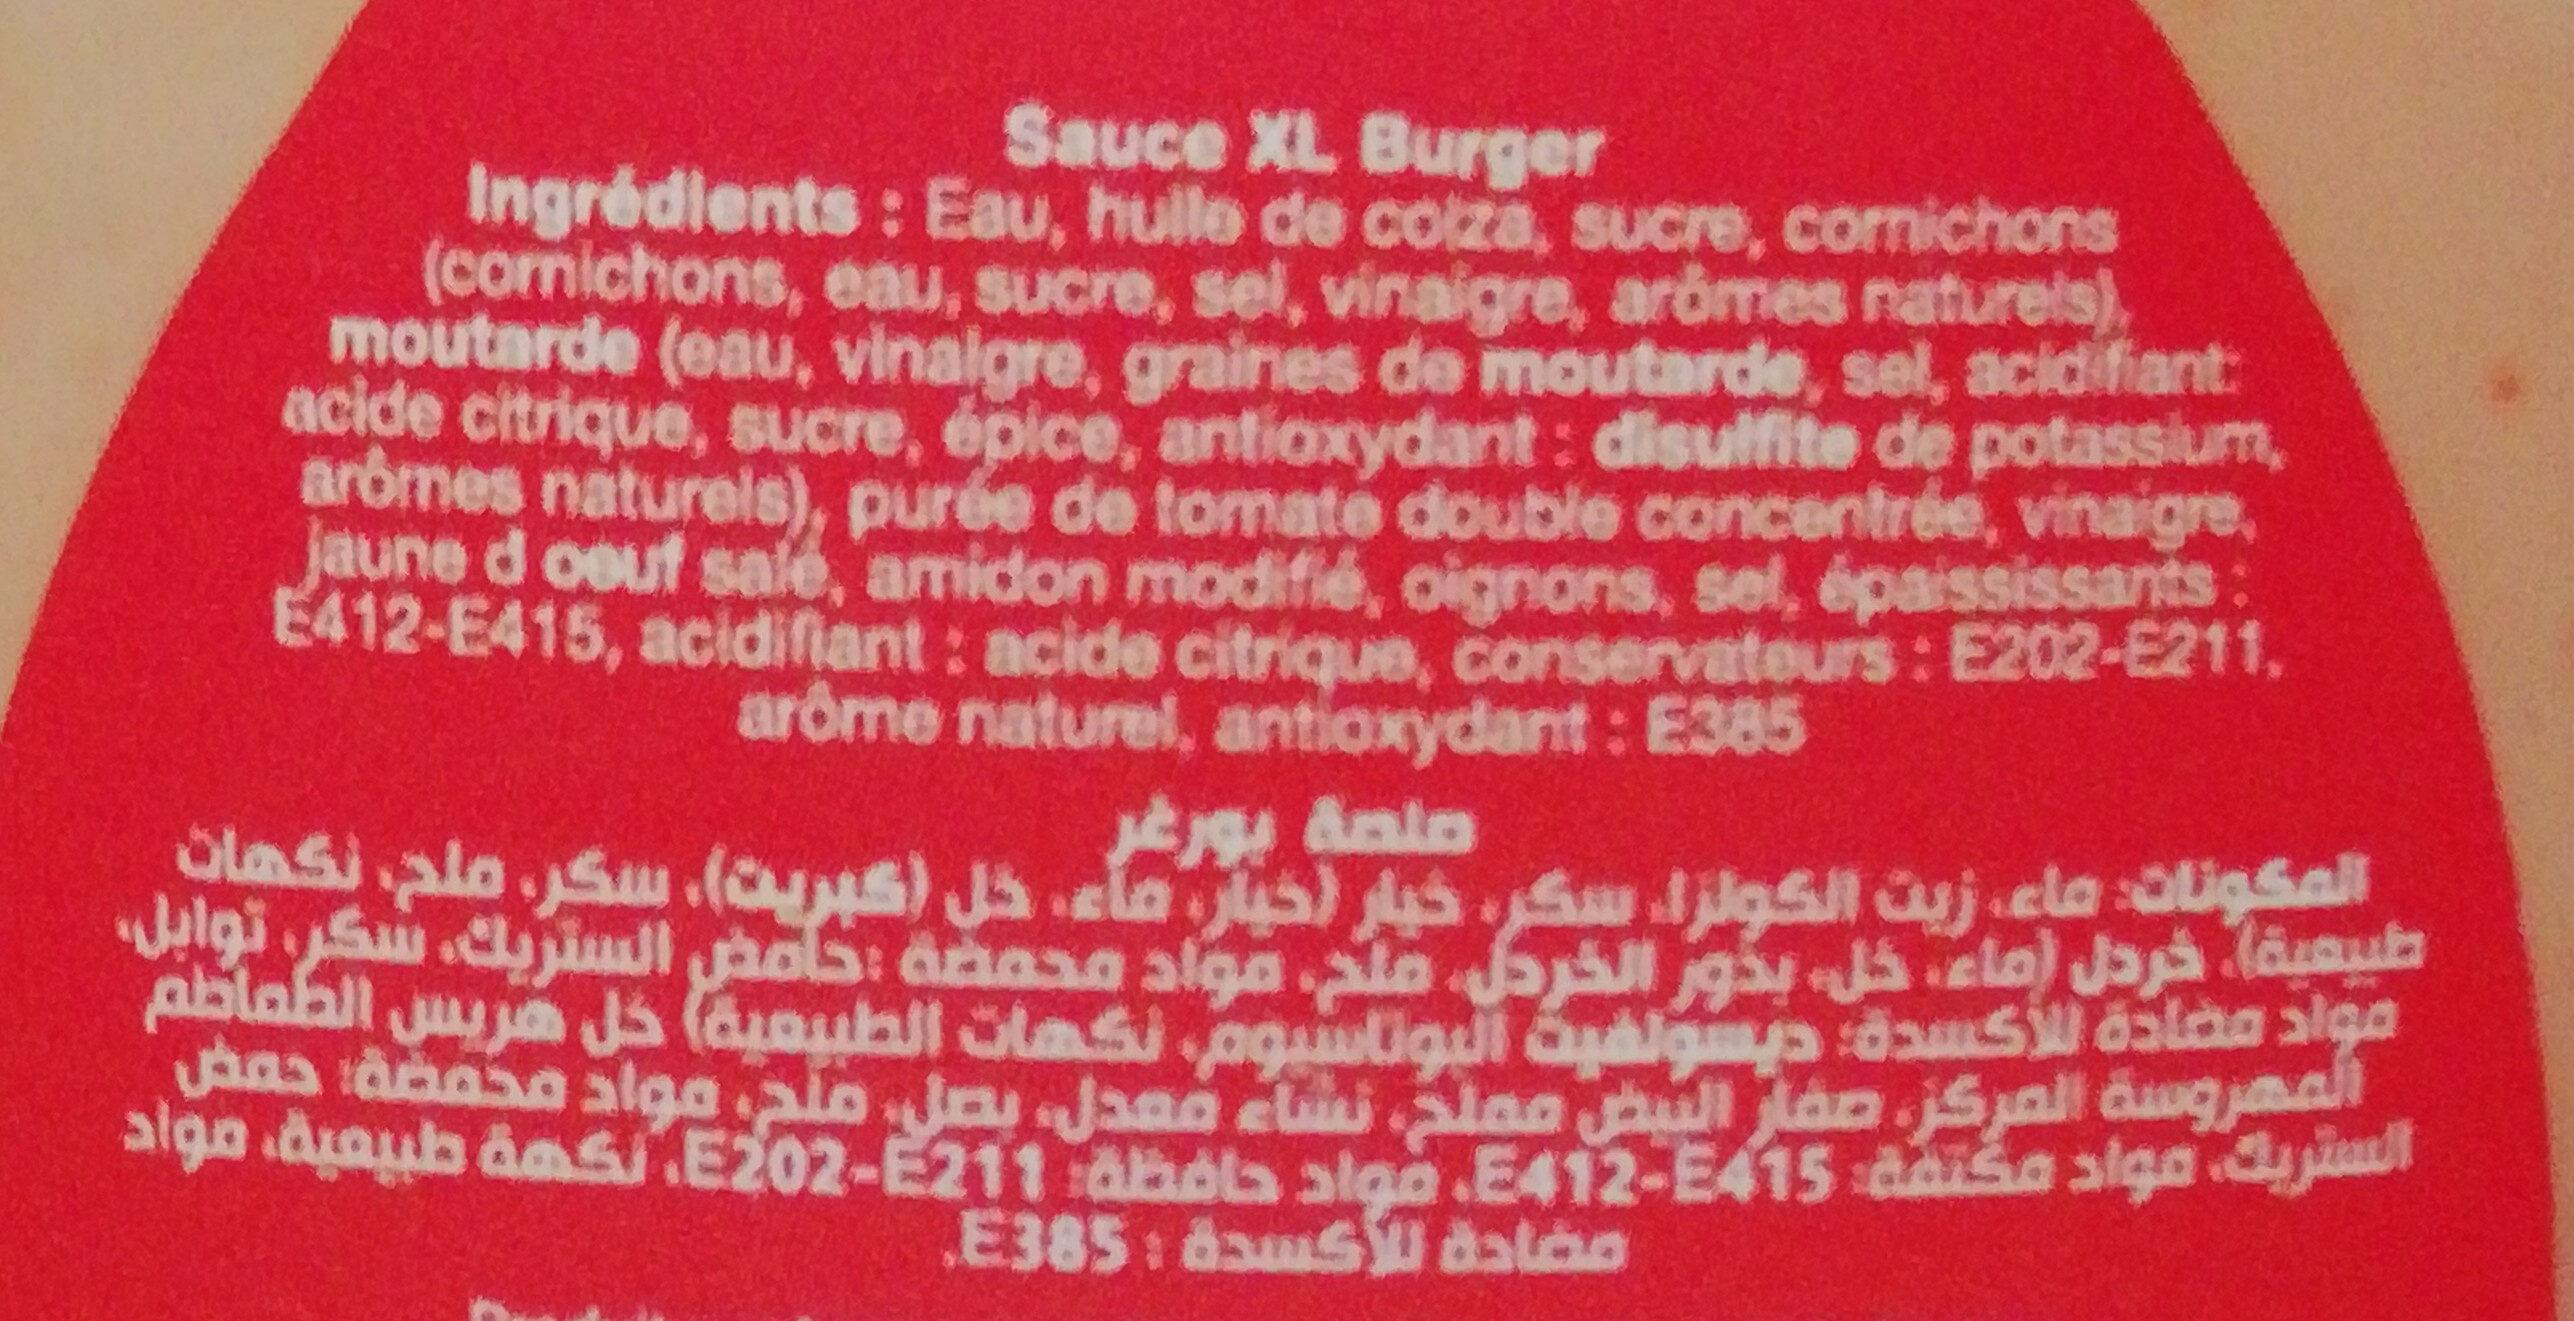 Sauce xl burger - Ingredients - fr